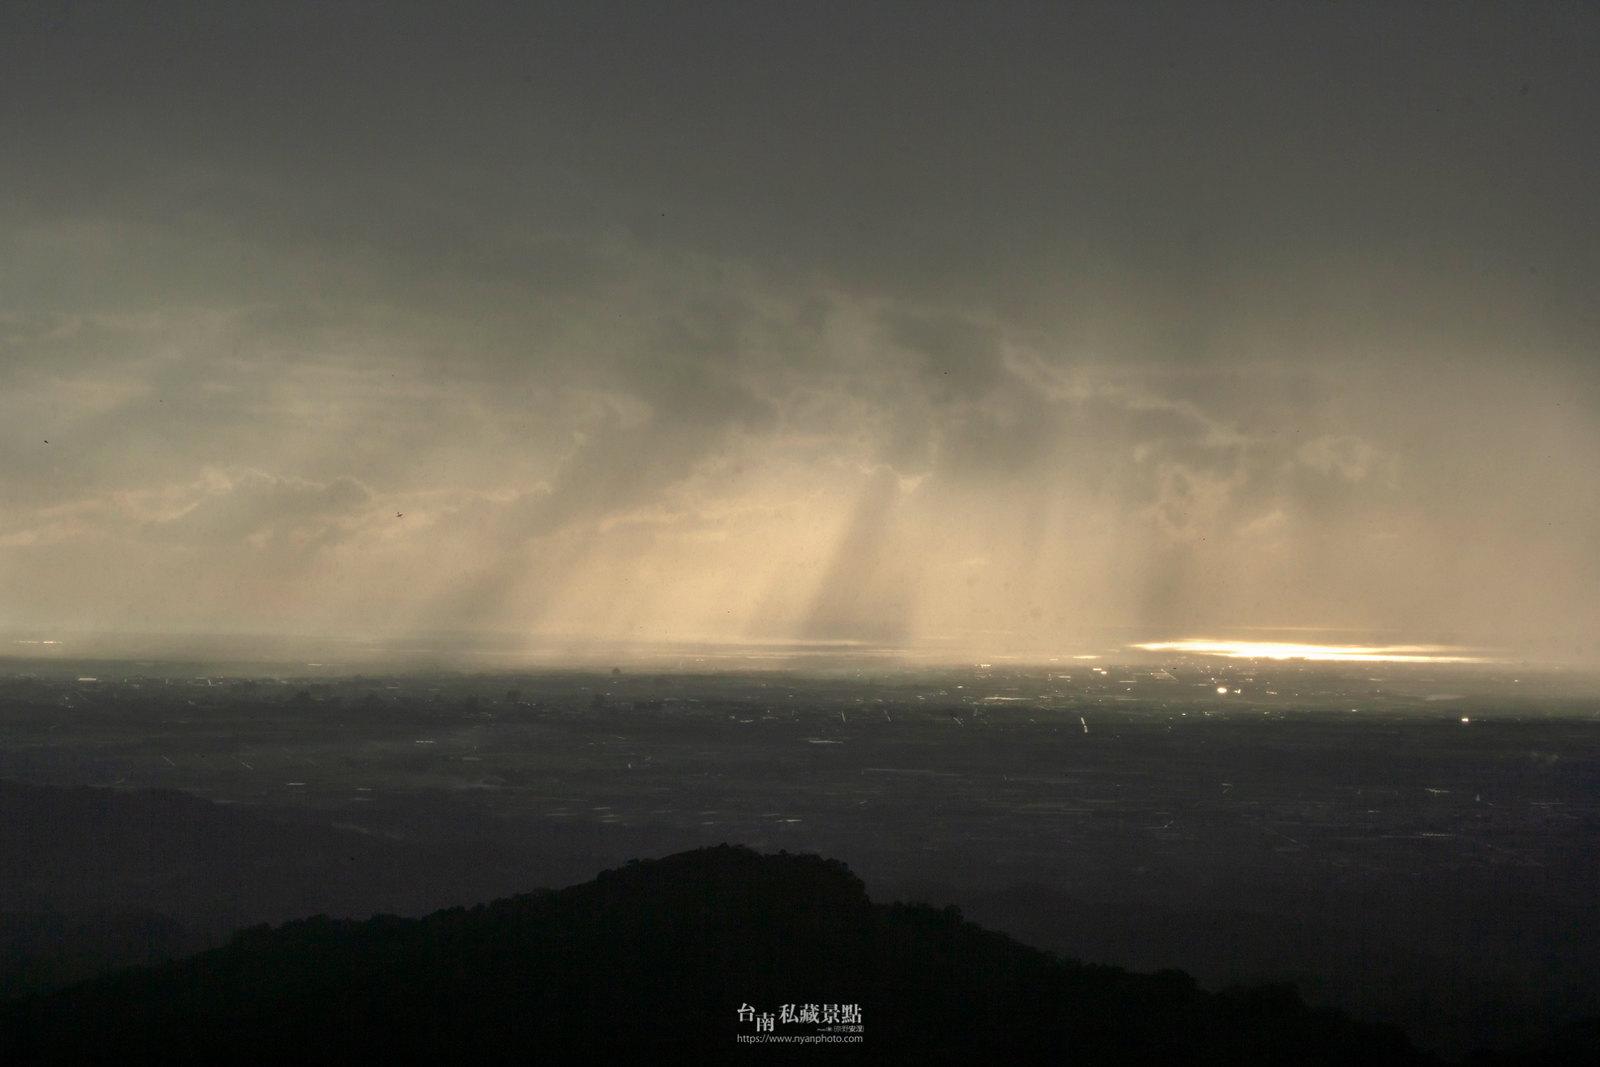 台南最高處夜景在哪兒? 五隆園咖啡民宿 | 我們是來吃桶仔雞跟避暑的